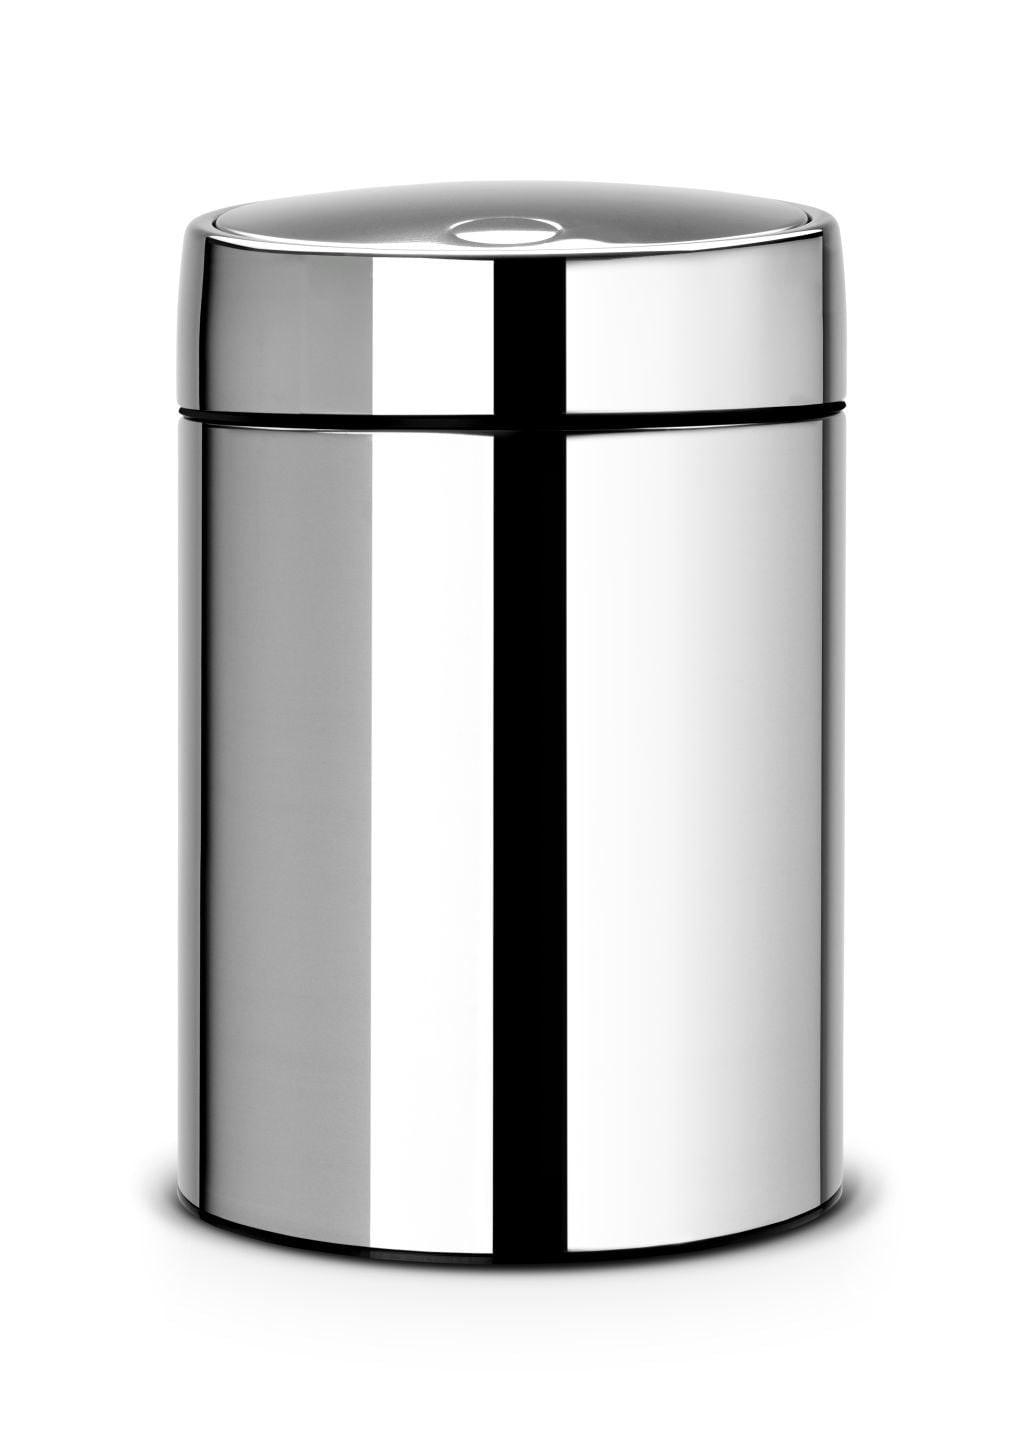 Brabantia Slide Bin Wandafvalemmer 5 L Brilliant Steel